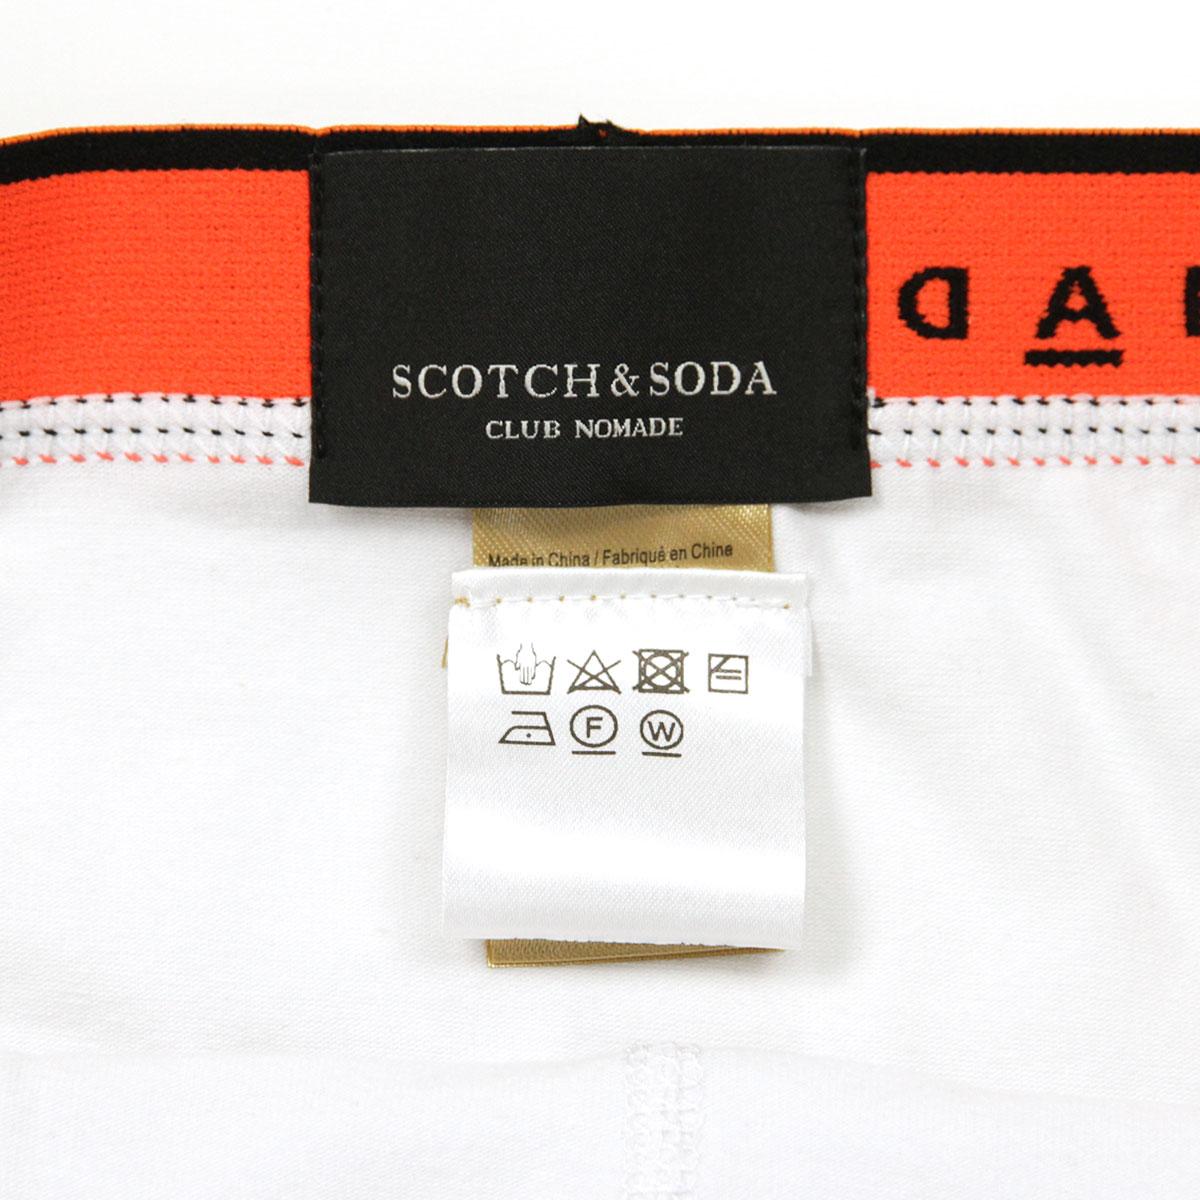 スコッチアンドソーダ SCOTCH&SODA 正規販売店 メンズ アンダーウェア ボクサーパンツ 2枚組 CLUB NOMADE 2 PACK BOXER SHORTS D 147908 17 COMBO A A39B B1C C7D D2E E13F